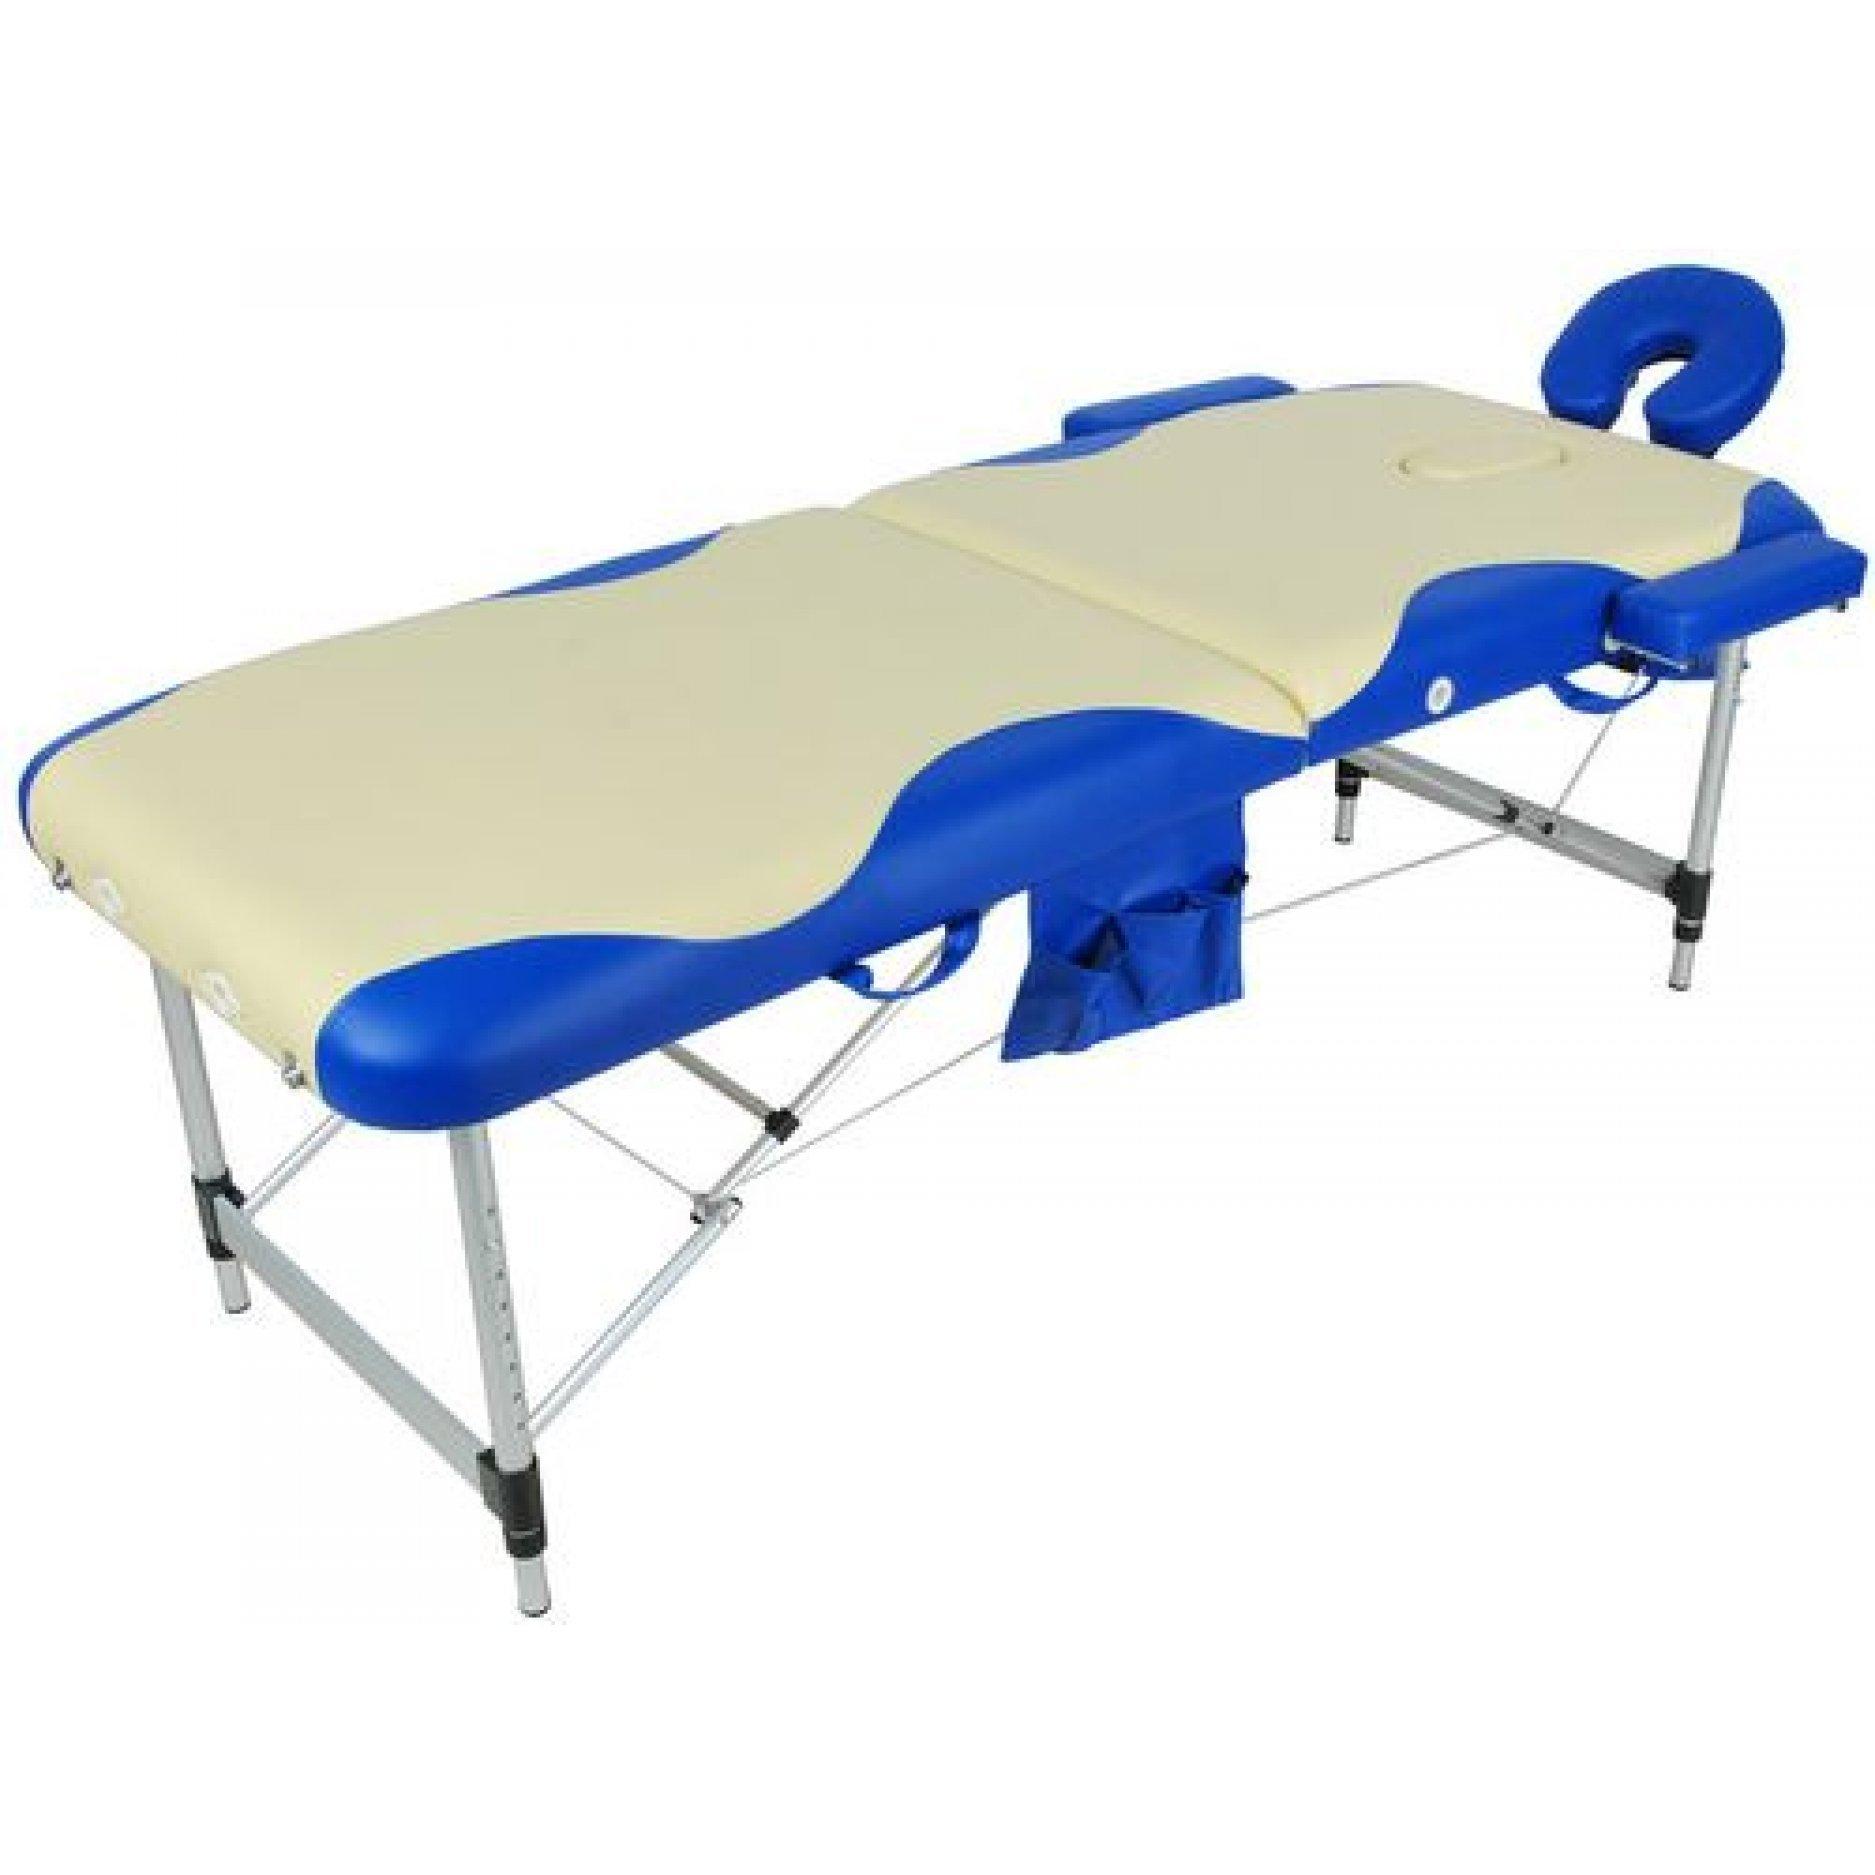 Массажный стол Medmos JFAL01A 2-х секционный (МСТ-002Л) бежевый с синей волной